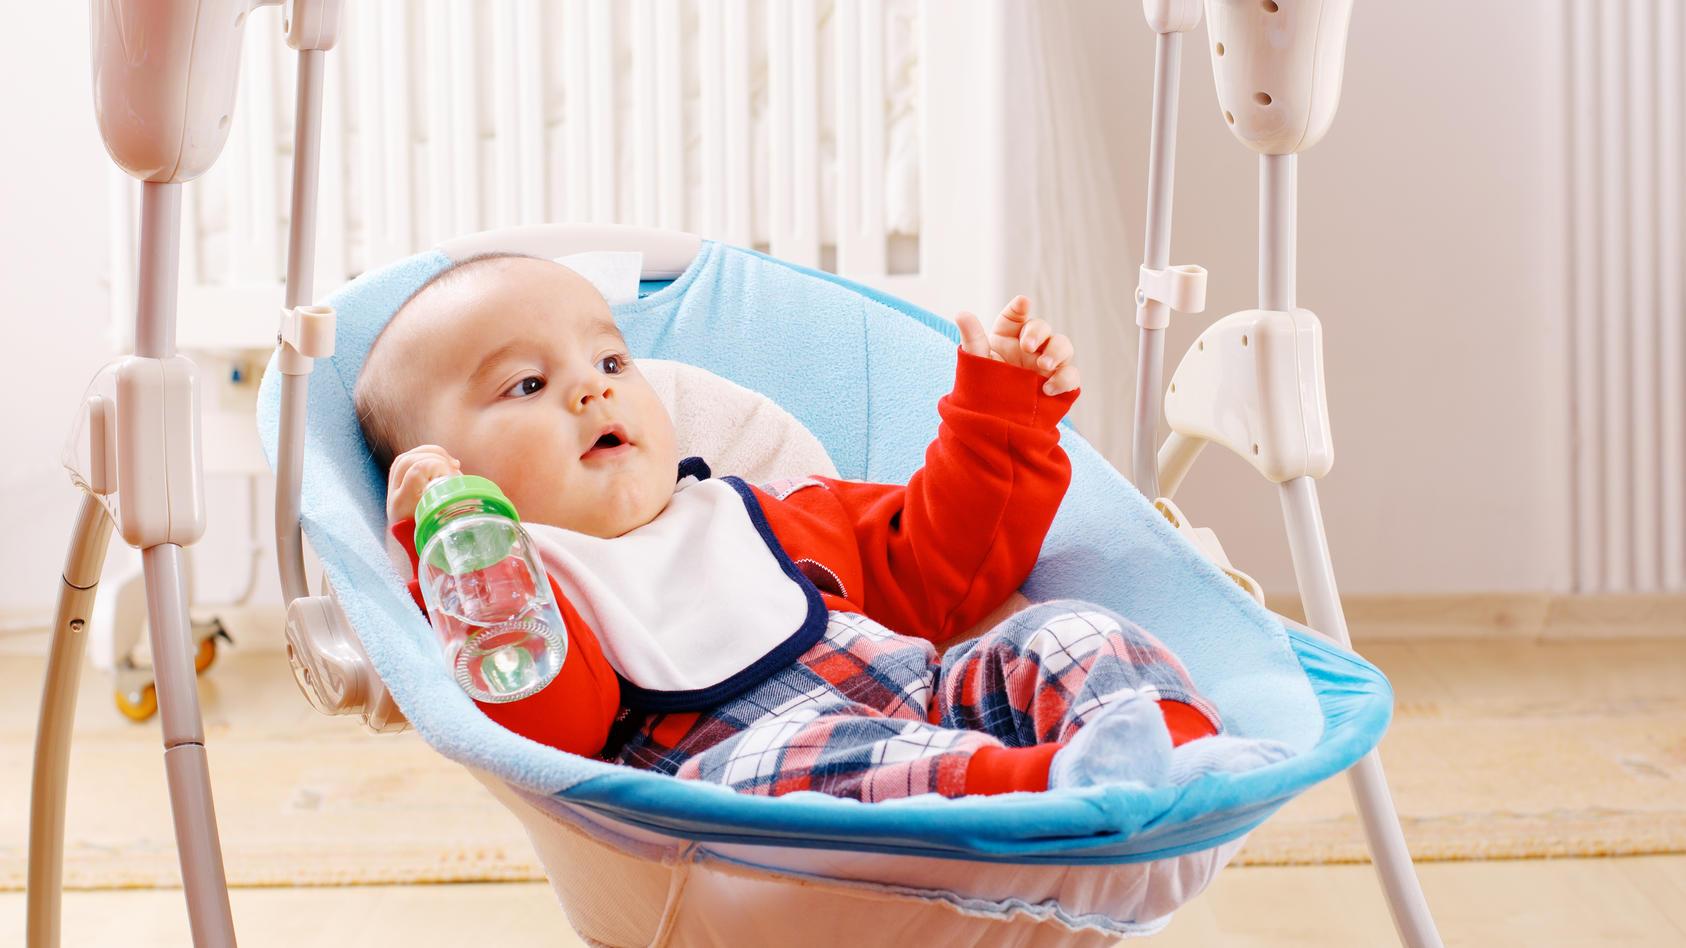 Eine Babyschaukel bietet Ihrem Kind eine wippende SItzgelegenheit, die es nicht nur bei Laune hält, sondern auch eine wunderbare Balanceübung abgibt. Was Sie bei Auswahl und Kauf der Babyschaukel beachten sollten, erfahren Sie hier.